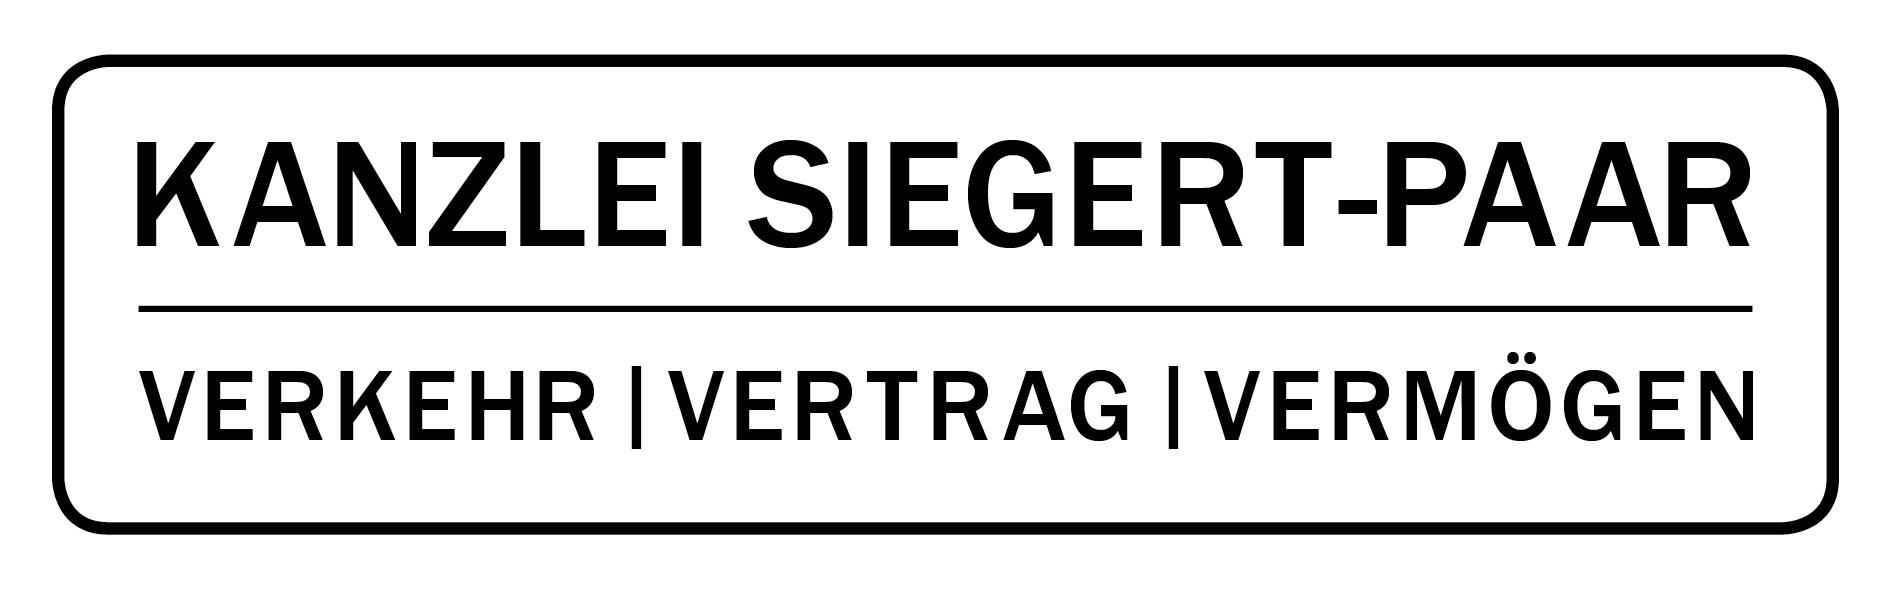 KANZLEI SIEGERT-PAAR